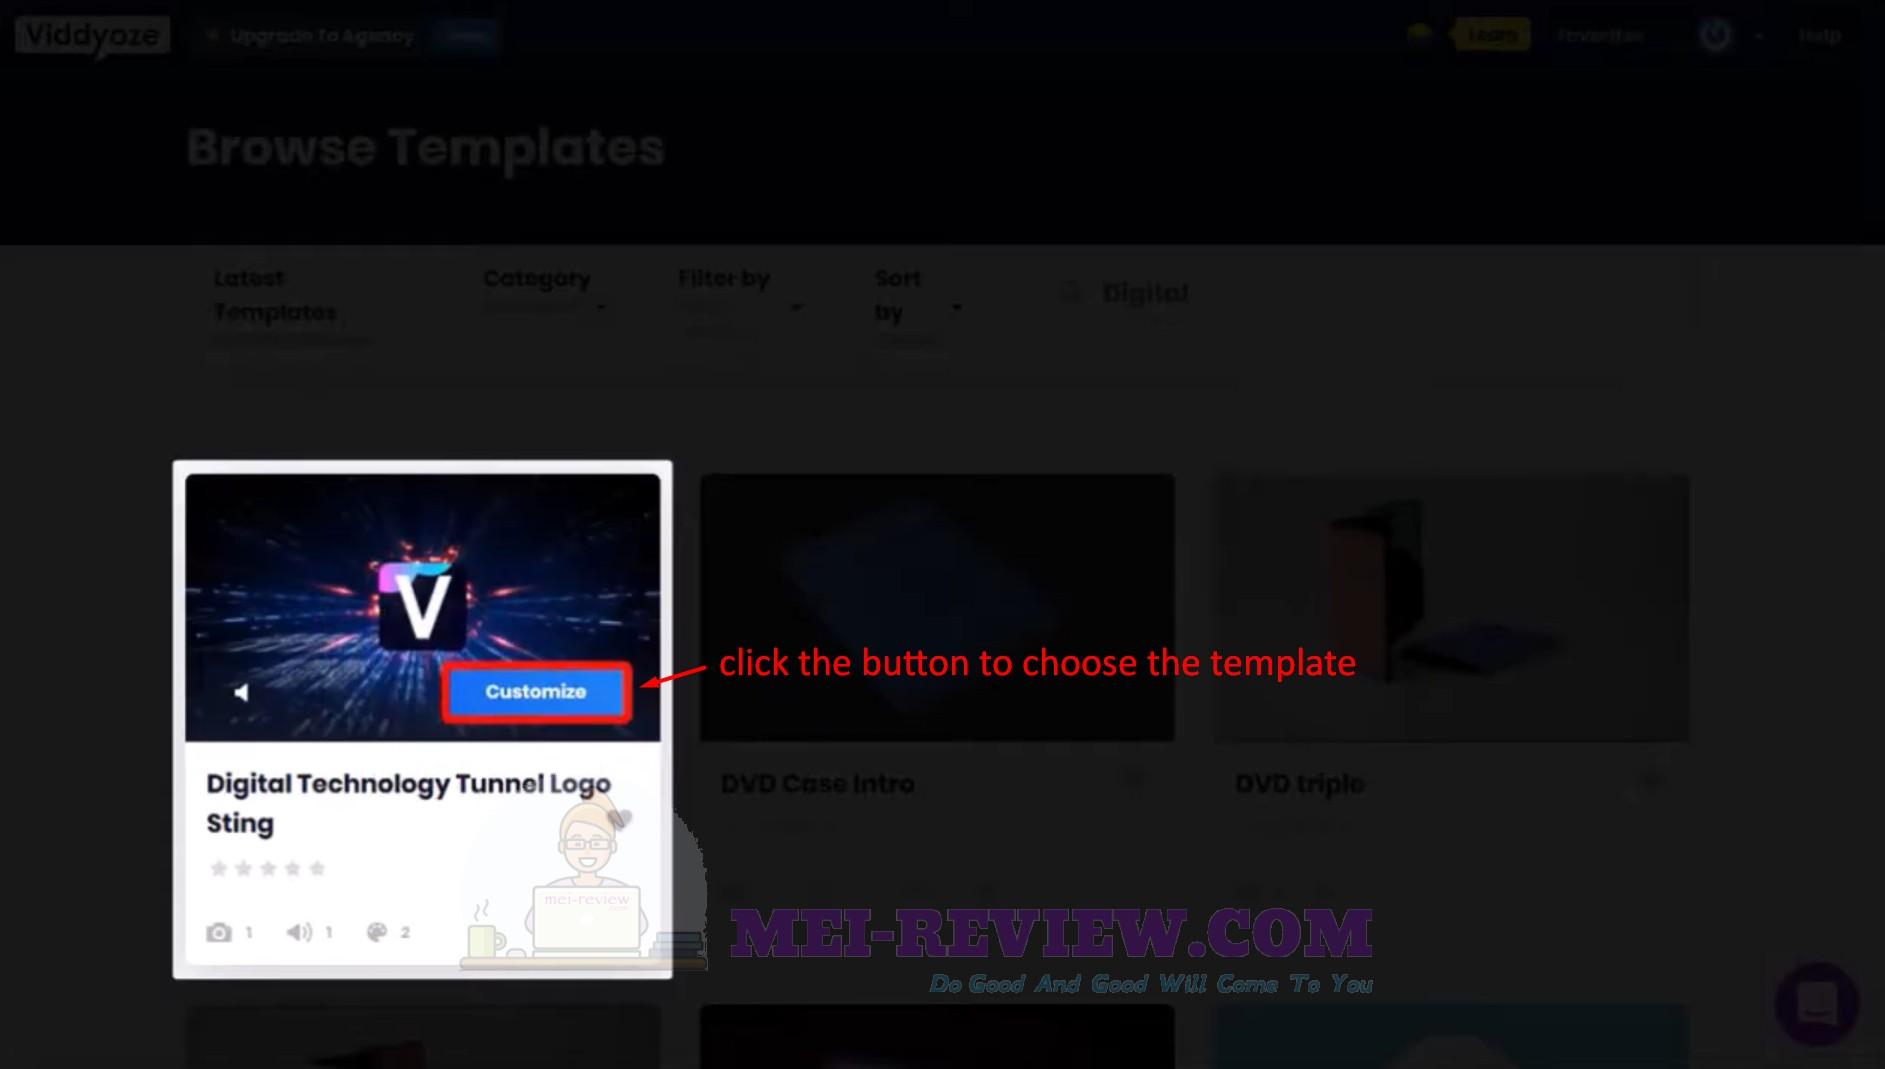 Viddyoze-Step-2-customize-a-template